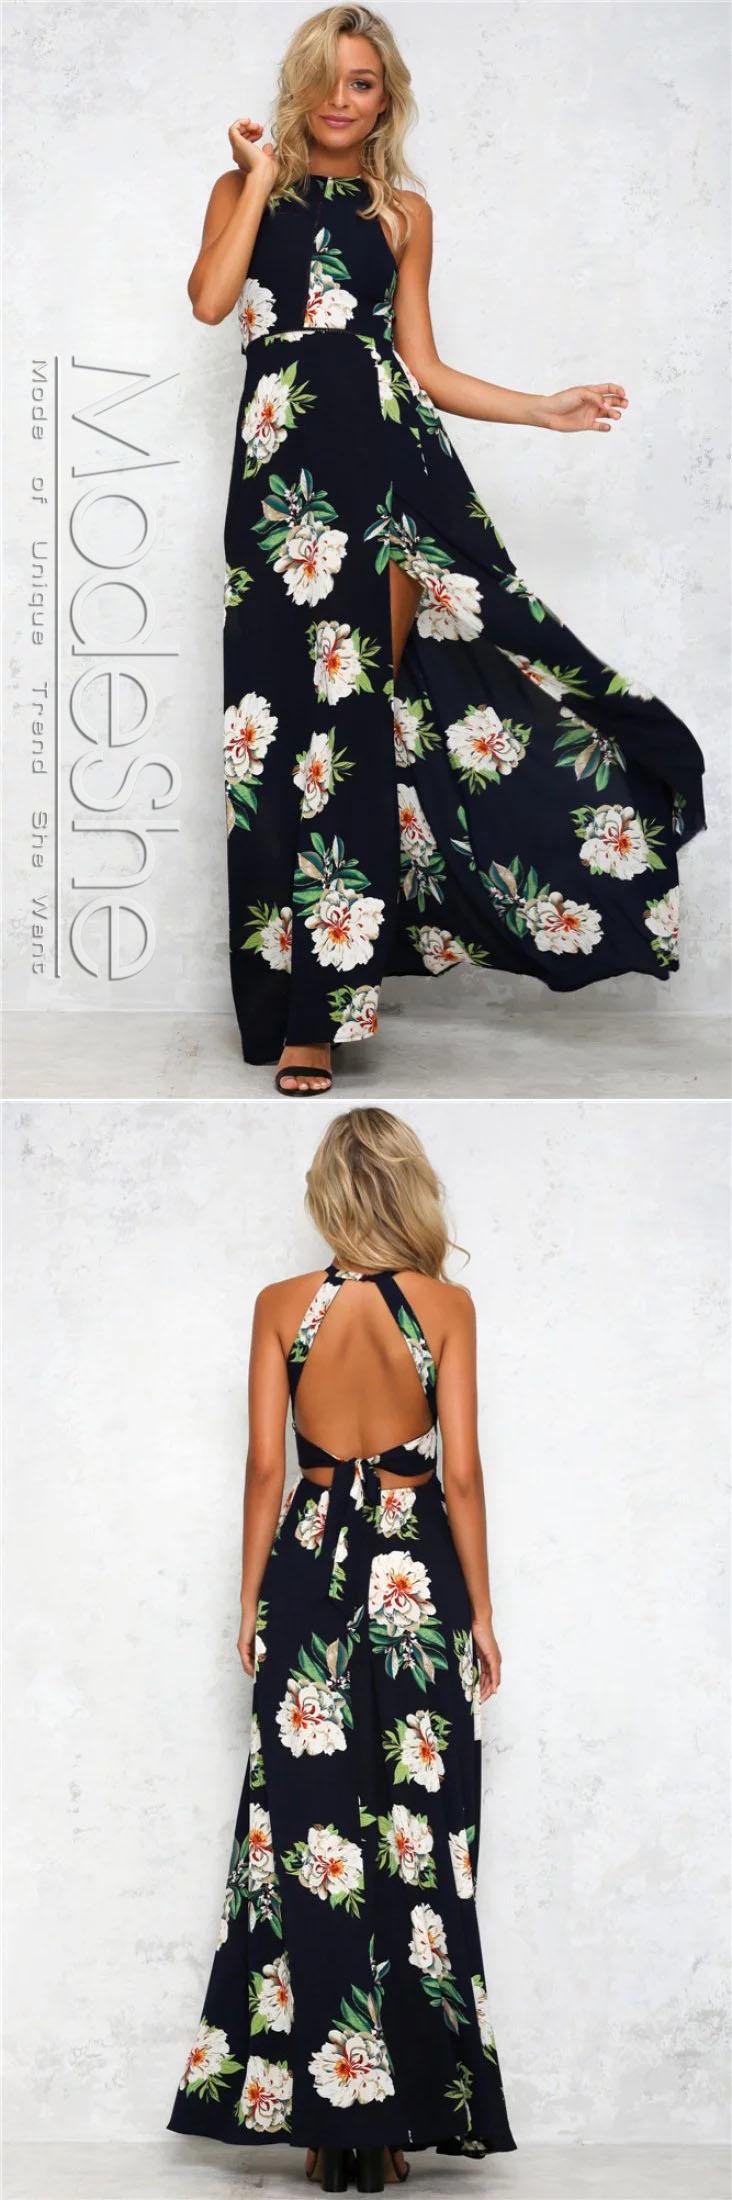 Black floral backless halter split maxi boho dress flower prints